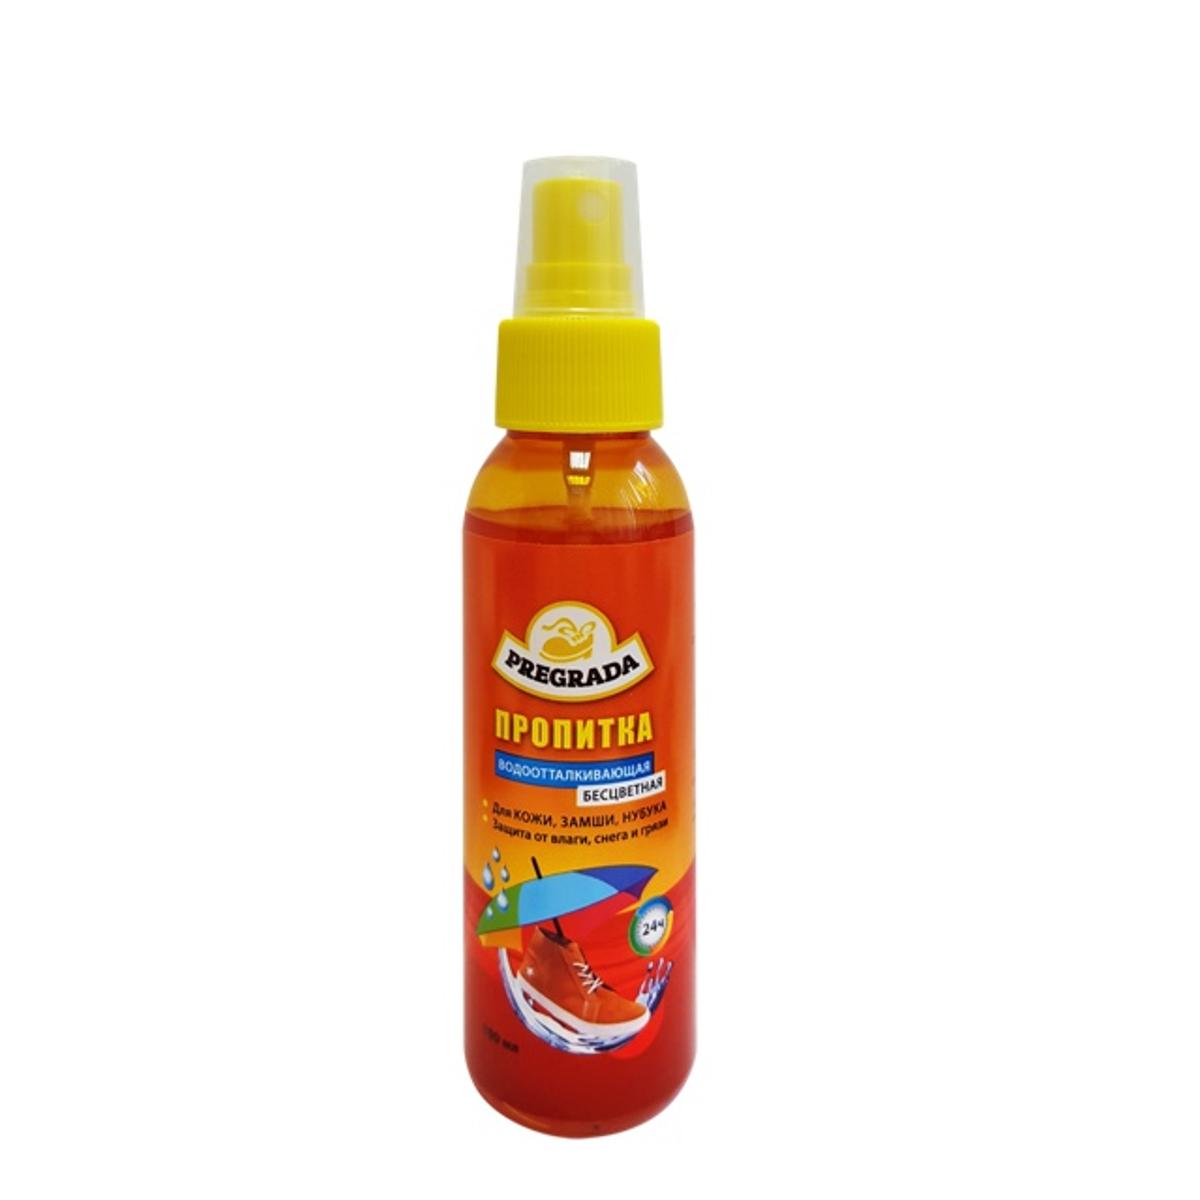 Спрей-водоотталкивающая пропитка Pregrada для кожи, замши, нубука660830Pregrada водоотталкивающая пропитка для кожи, замши, нубука 100мл . Средство для защиты от воды изделий из гладкой кожи, замши, нубука. Обеспечивает длительную защиту от влаги, снега и грязи.Способ примененияОчистите поверхность изделия. При необходимости нанесите средство по уходу за обувью (крем или краску). Перед применением проверьте на незаметном месте изделия. Встряхните флакон. Интенсивно нанесите средство с расстояния 20-25 см, держа флакон вертикально, распылителем вверх. Для максимального эффекта дайте высохнуть в течении нескольких часов. В сырую и влажную погоду рекомендуется ежедневное применение. Не использовать для лаковых и искуственных кож. Меры предосторожности:Беречь от детей! Огнеопасно! Хранить в сухом прохладном месте вдали от прямых солнечных лучей.